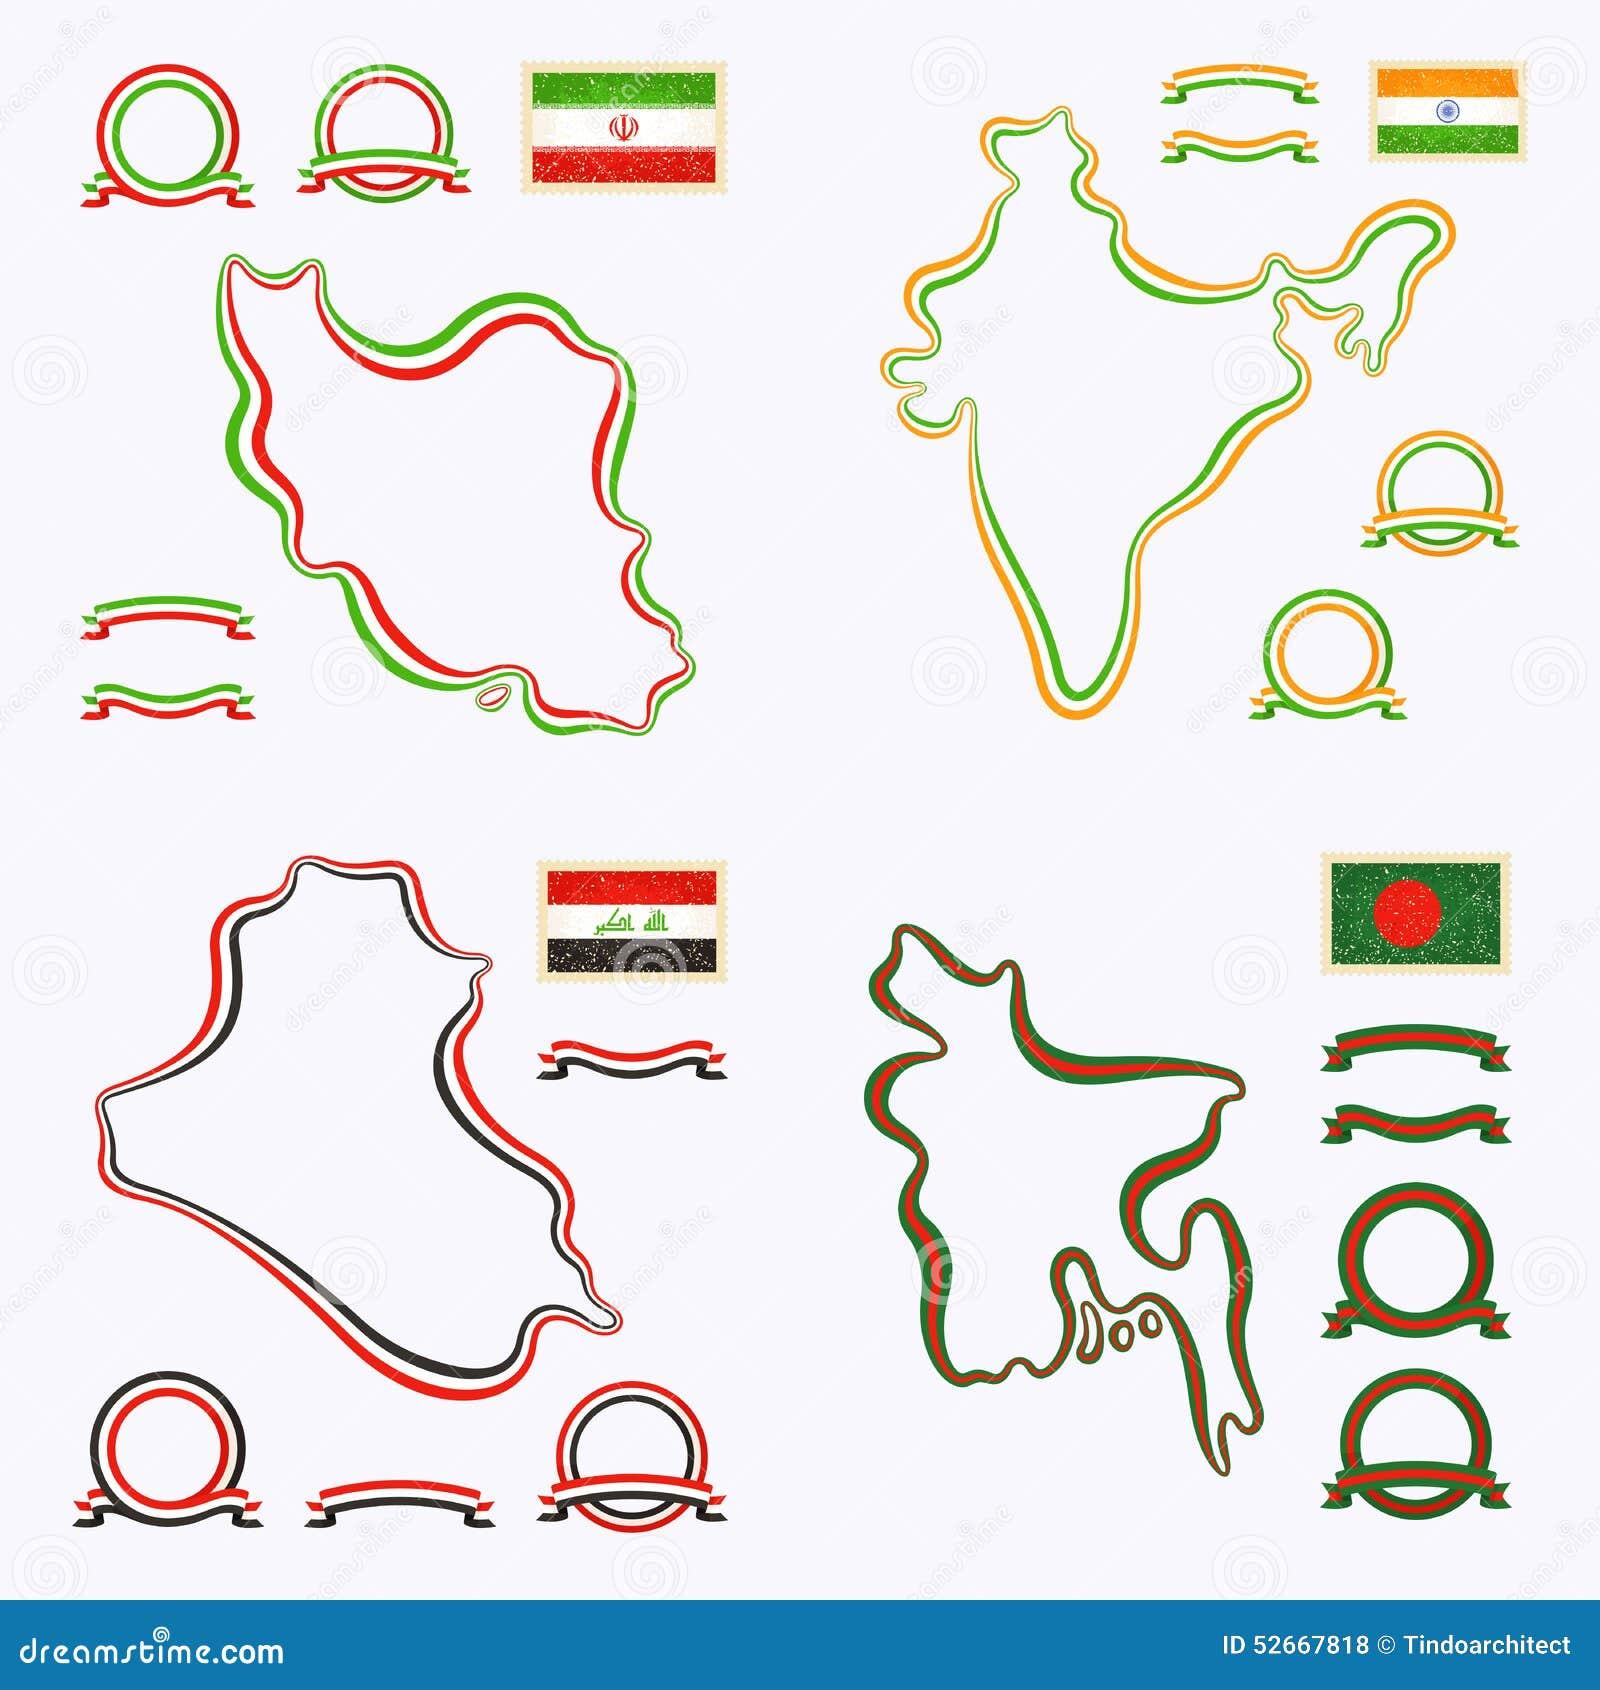 Colors Of Iran India Iraq And Bangladesh Vector Image – Map of Iran and India